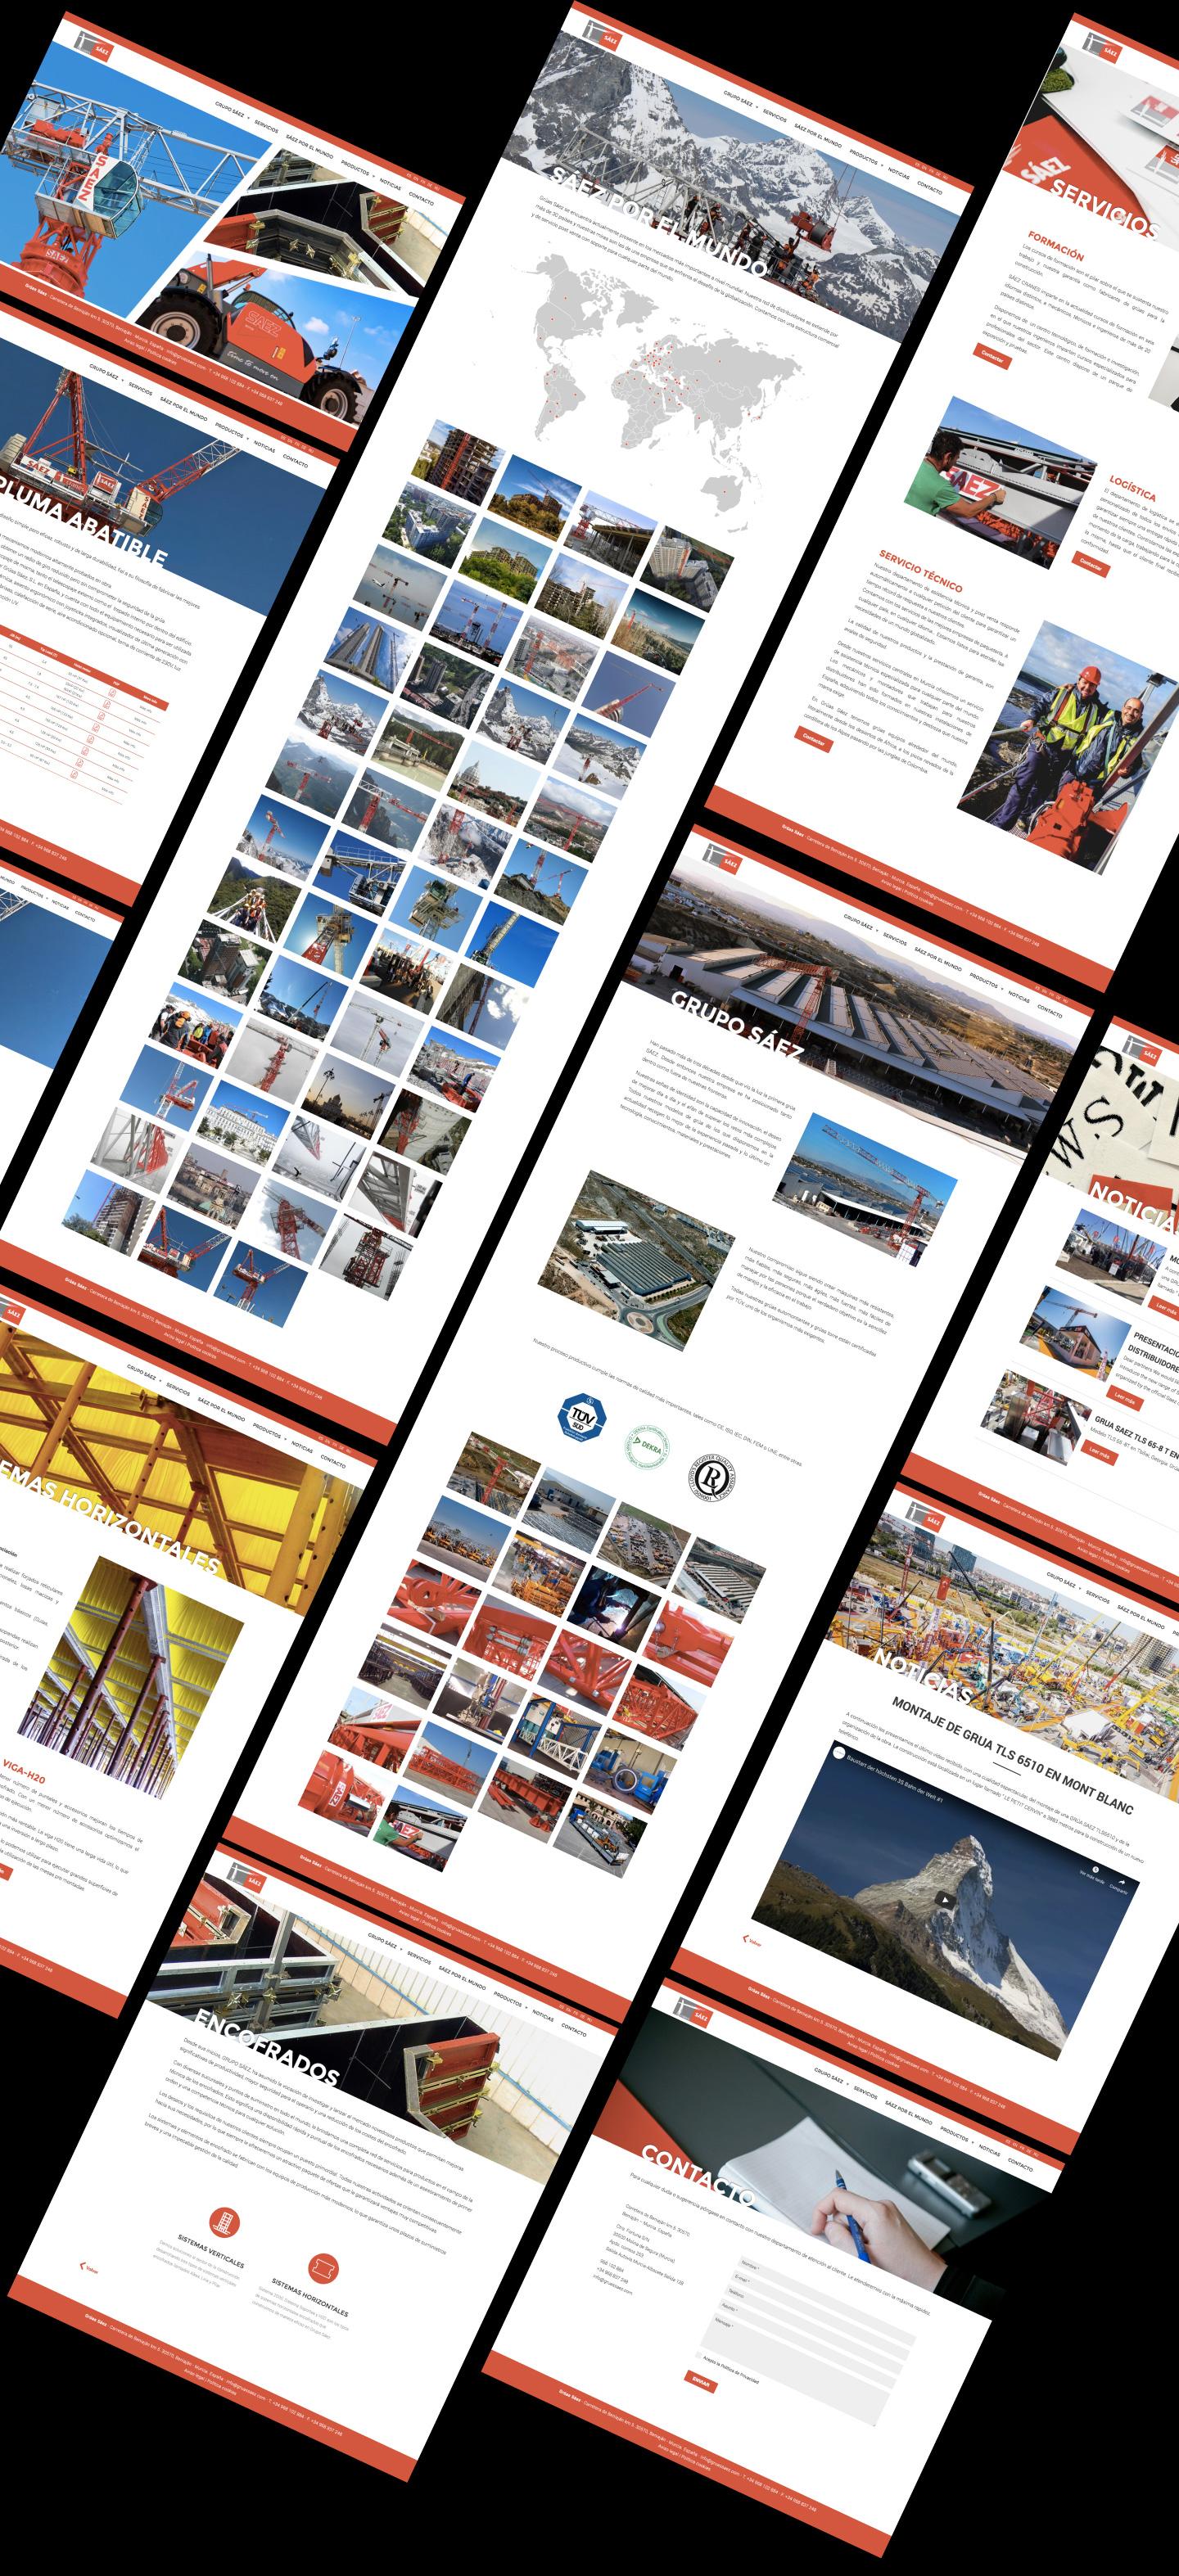 Diseñador freelance de páginas web a medida en Murcia